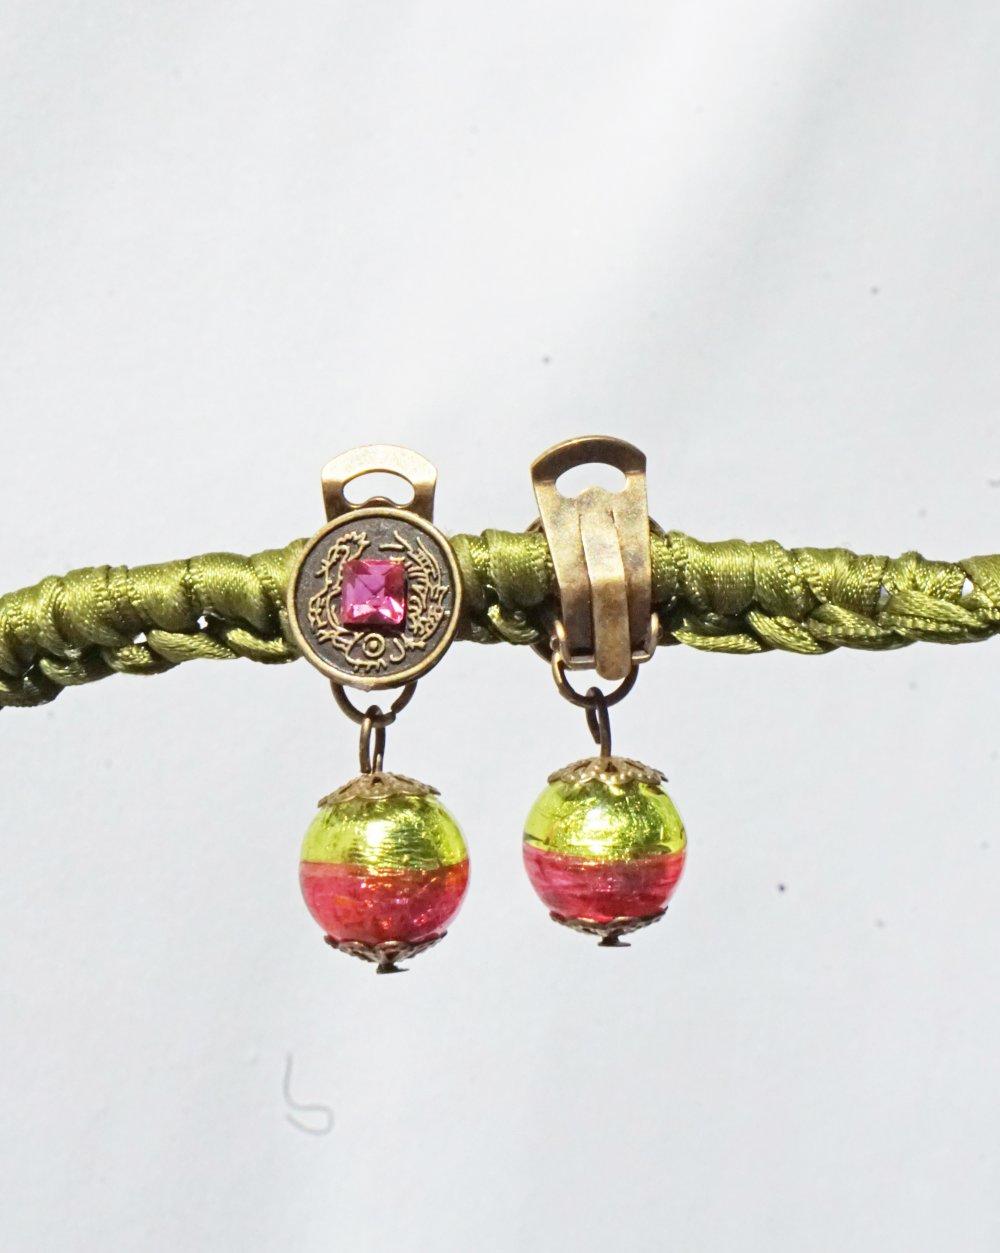 CLIPS Boucles d'oreilles clips Rose & vert Perle Murano Venise Bijoux Créateur Création française